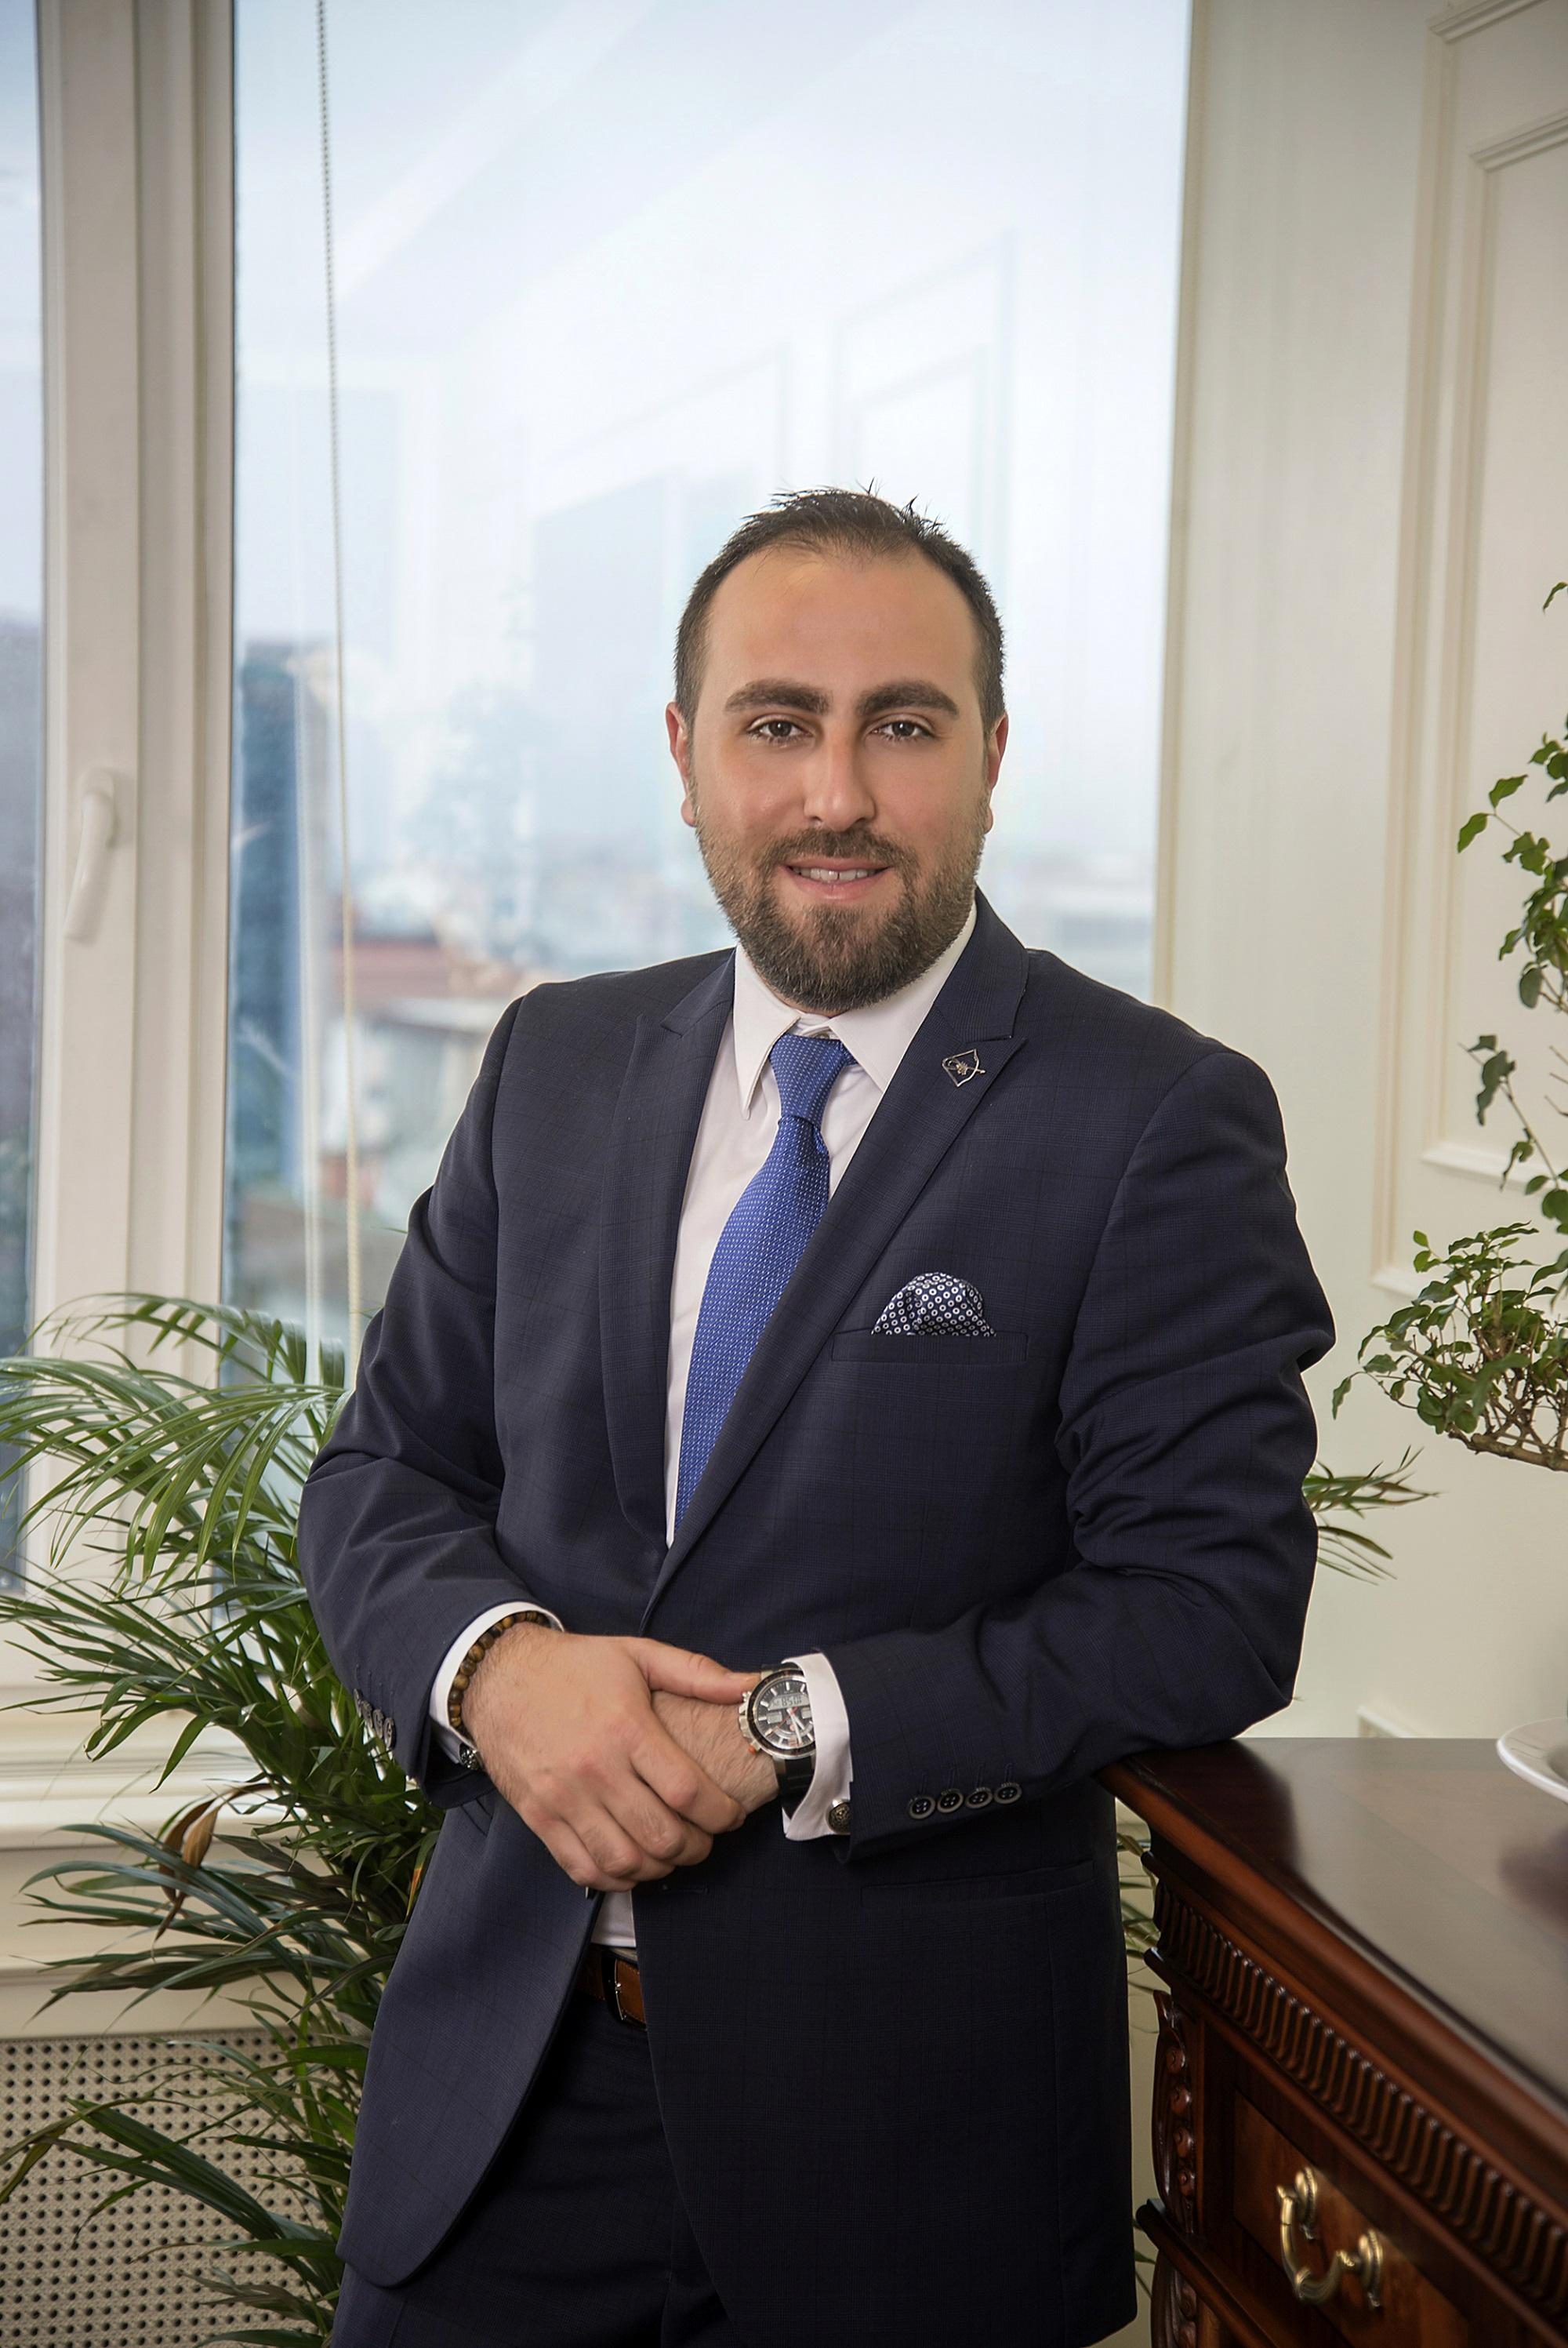 Etis Lojistik'in yeni genel müdürü Sinan Çıtak oldu